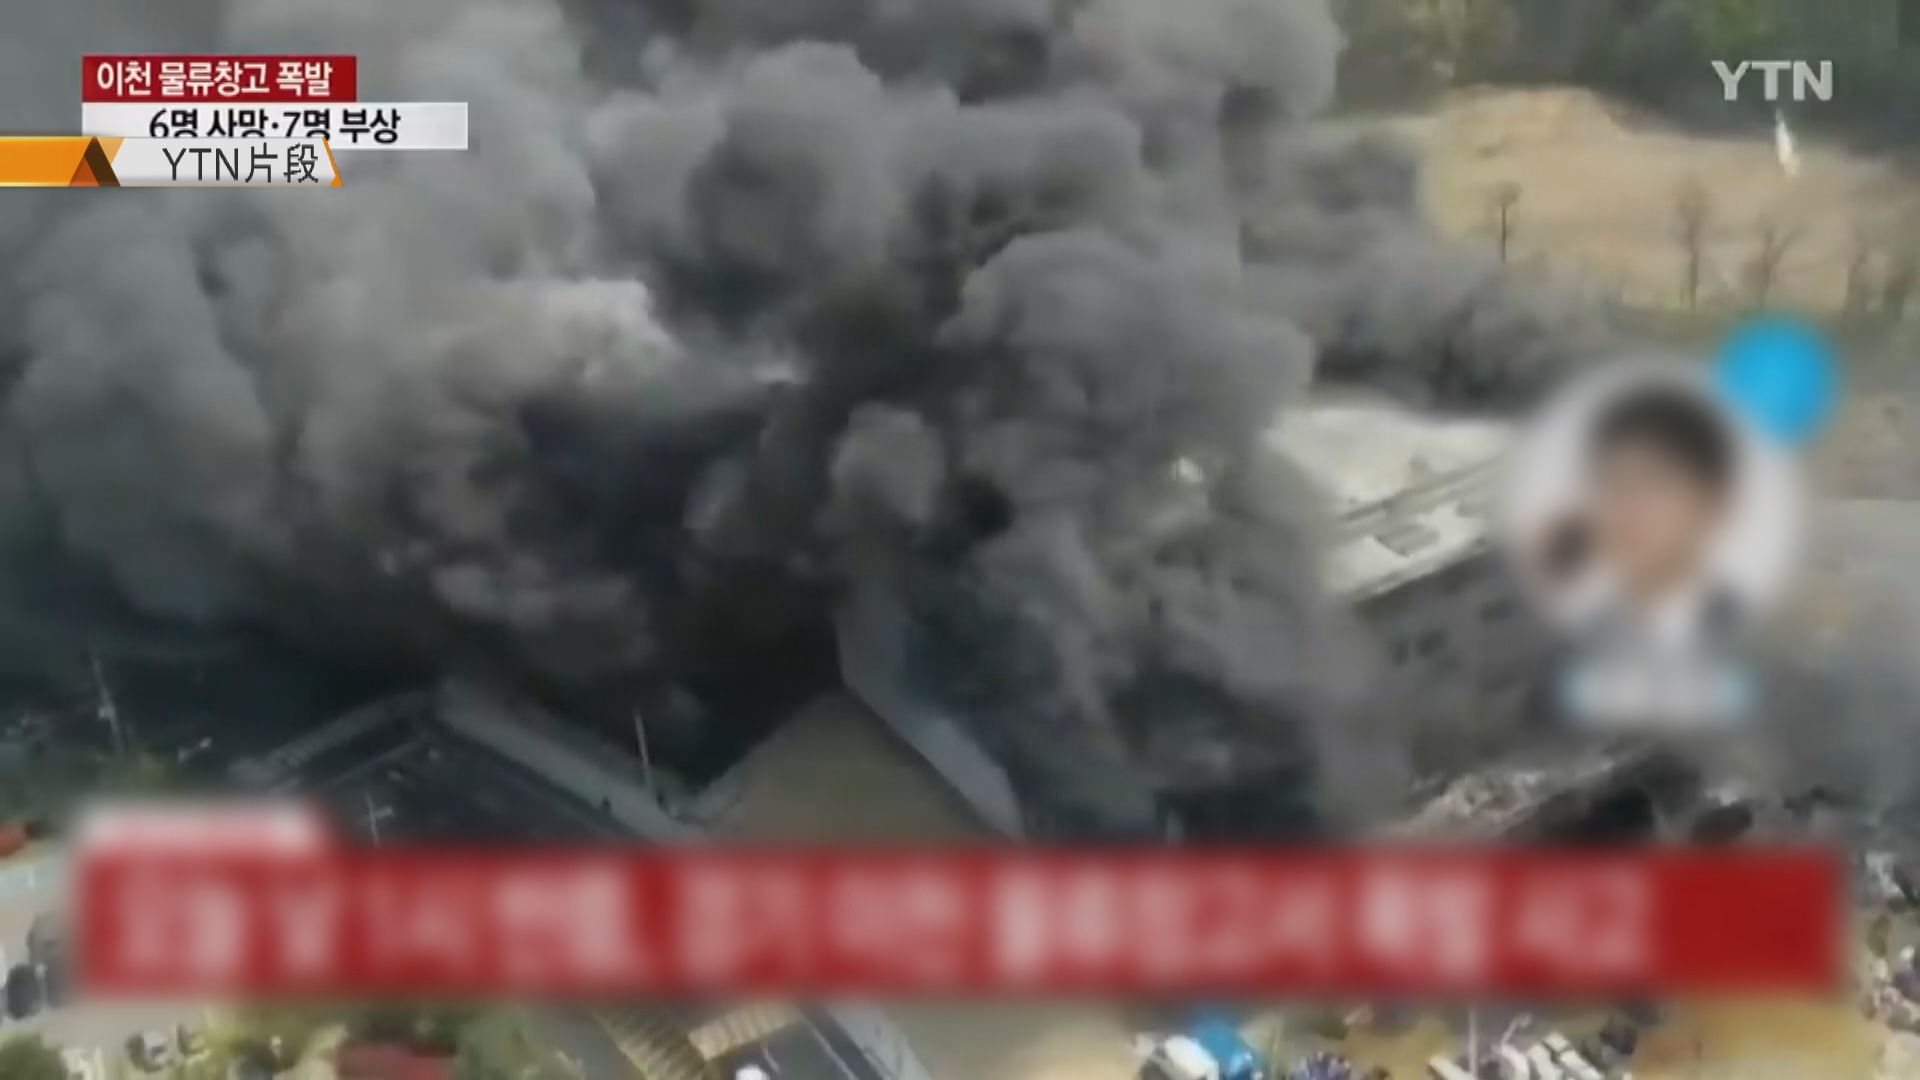 南韓京畿道貨倉地盤大火至少36死